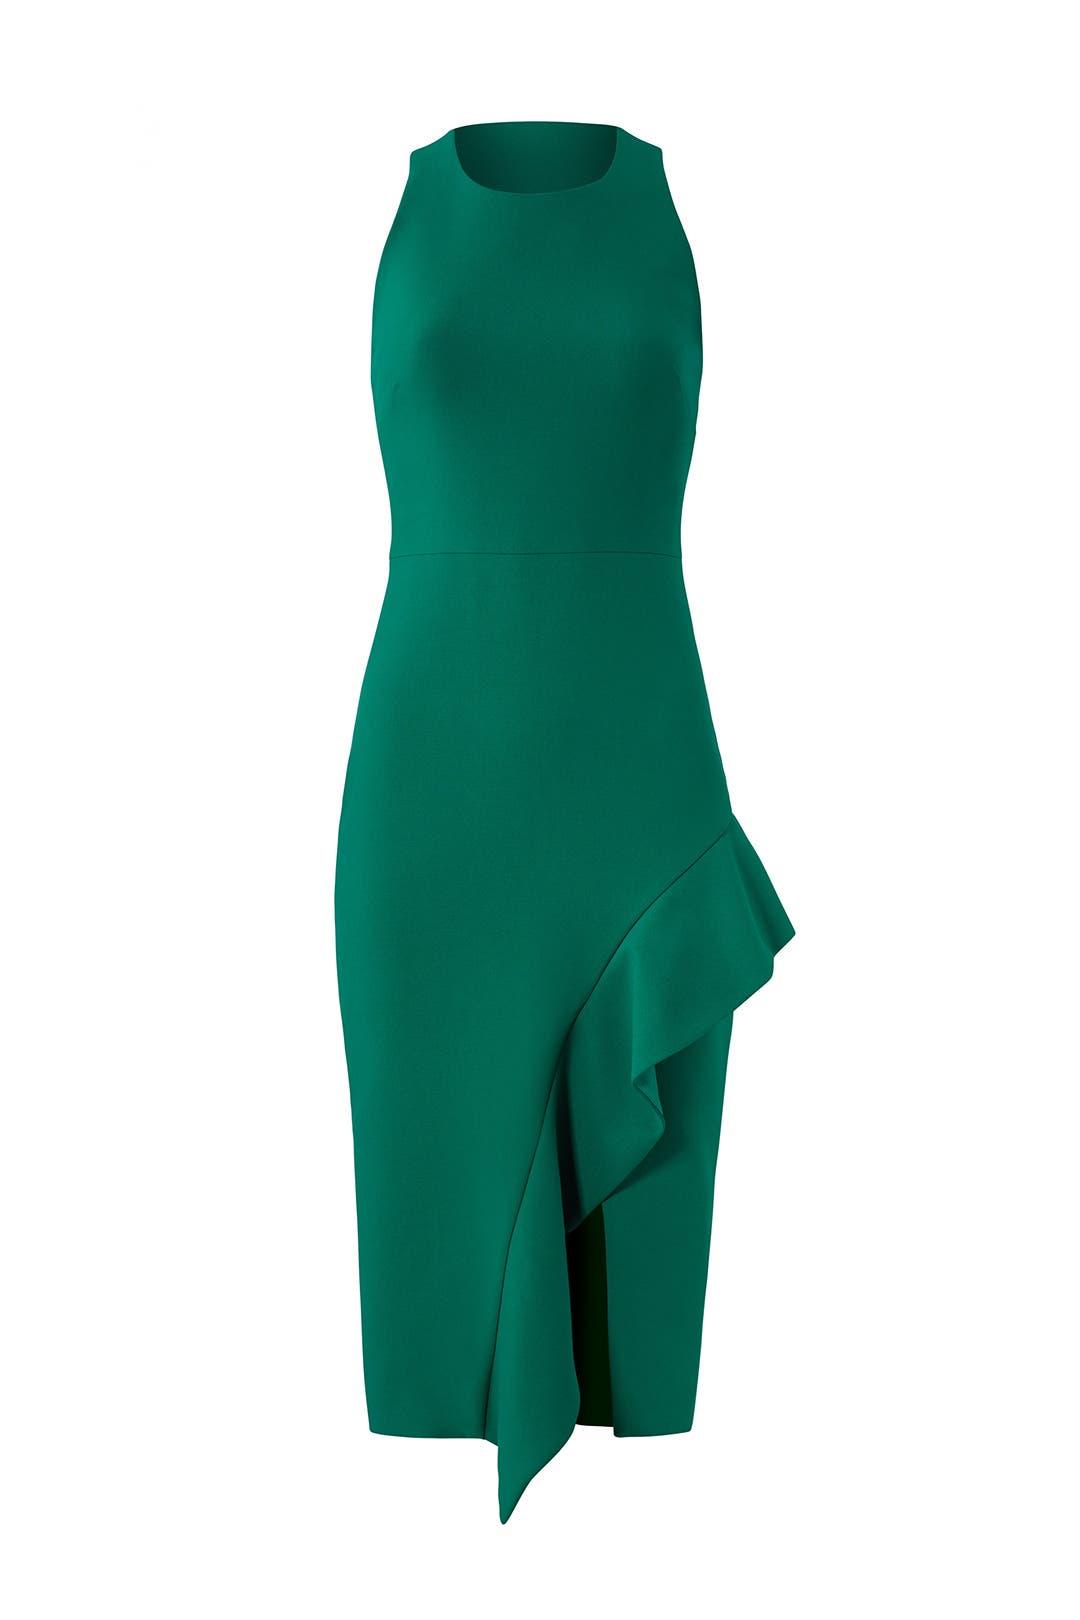 Emerald Piper Dress by Cinq à Sept